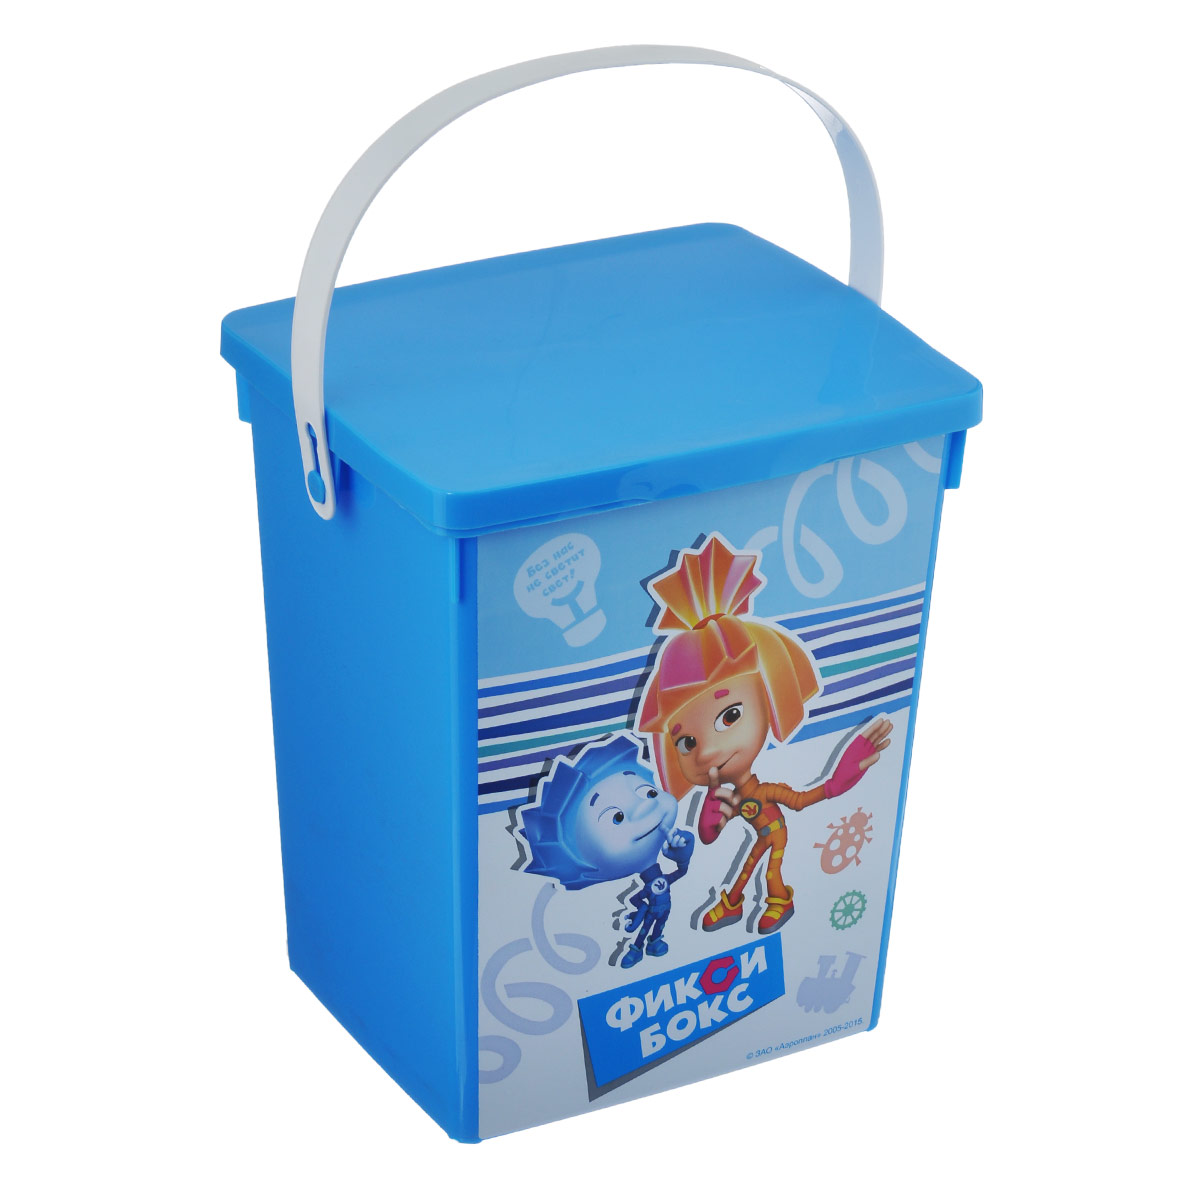 Контейнер для игрушек Полимербыт Фиксики, цвет: голубой, 5 лС49322Контейнер Полимербыт Фиксики выполнен из высококачественного цветного пластика и предназначен для хранения небольших игрушек. Контейнер декорирован красочным изображением героев одноименного мультика Фиксики. Для удобства переноски имеется специальная пластиковая ручка. Контейнер плотно закрывается крышкой. Контейнер Полимербыт Фиксики очень вместителен и поможет вам хранить все необходимые мелочи в одном месте.